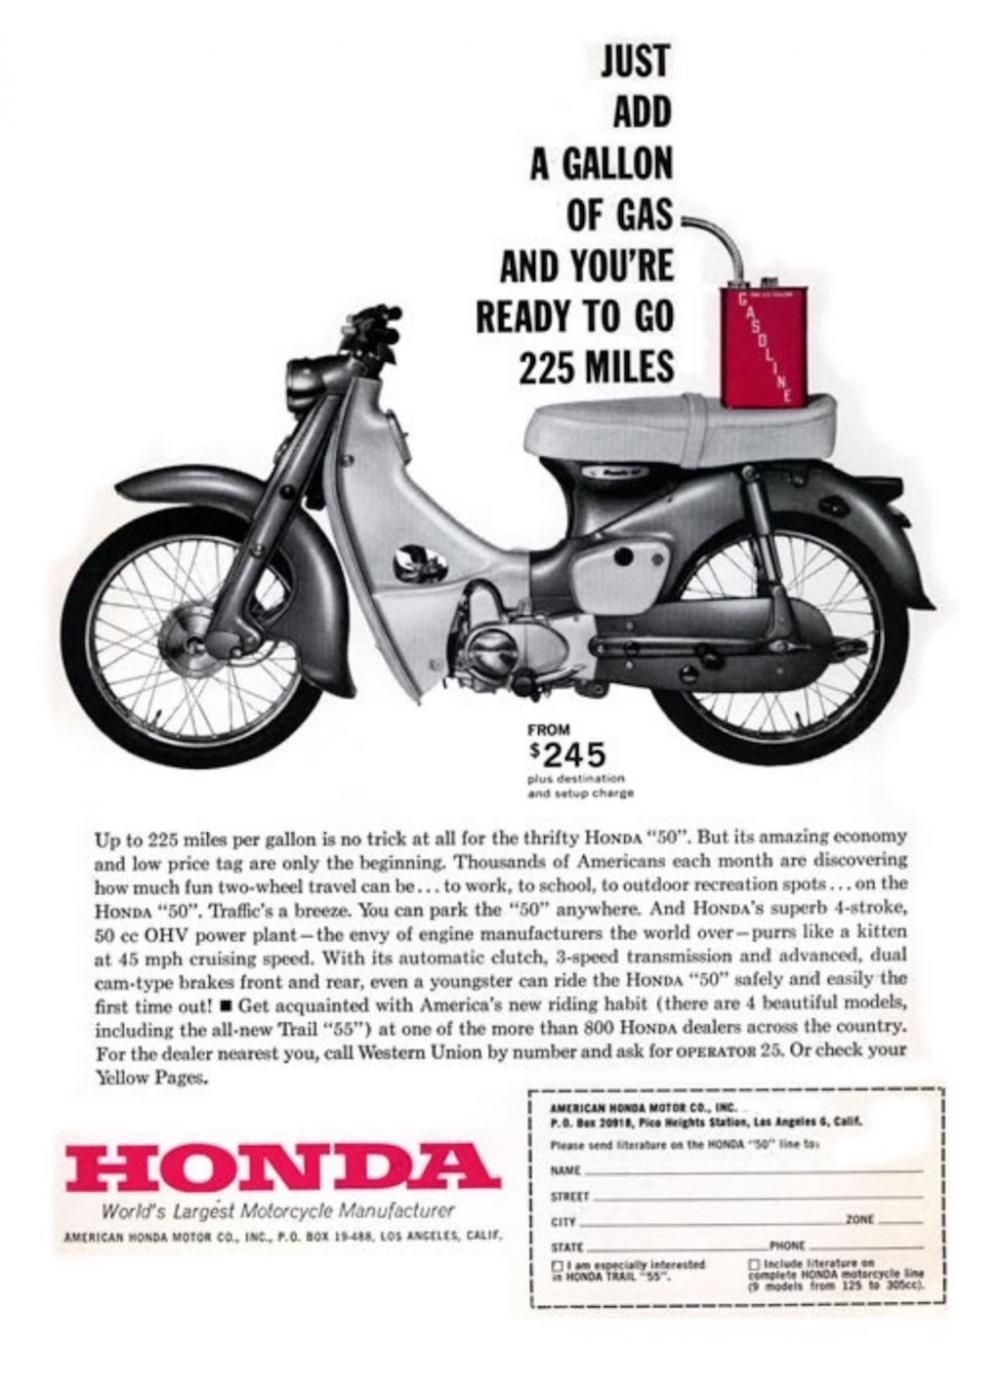 Với 1 gallon xăng, bạn sẽ sẵn sàng đi quãng đường 225 dặm là dòng quảng cáo của dòng xe Cub tại Mỹ